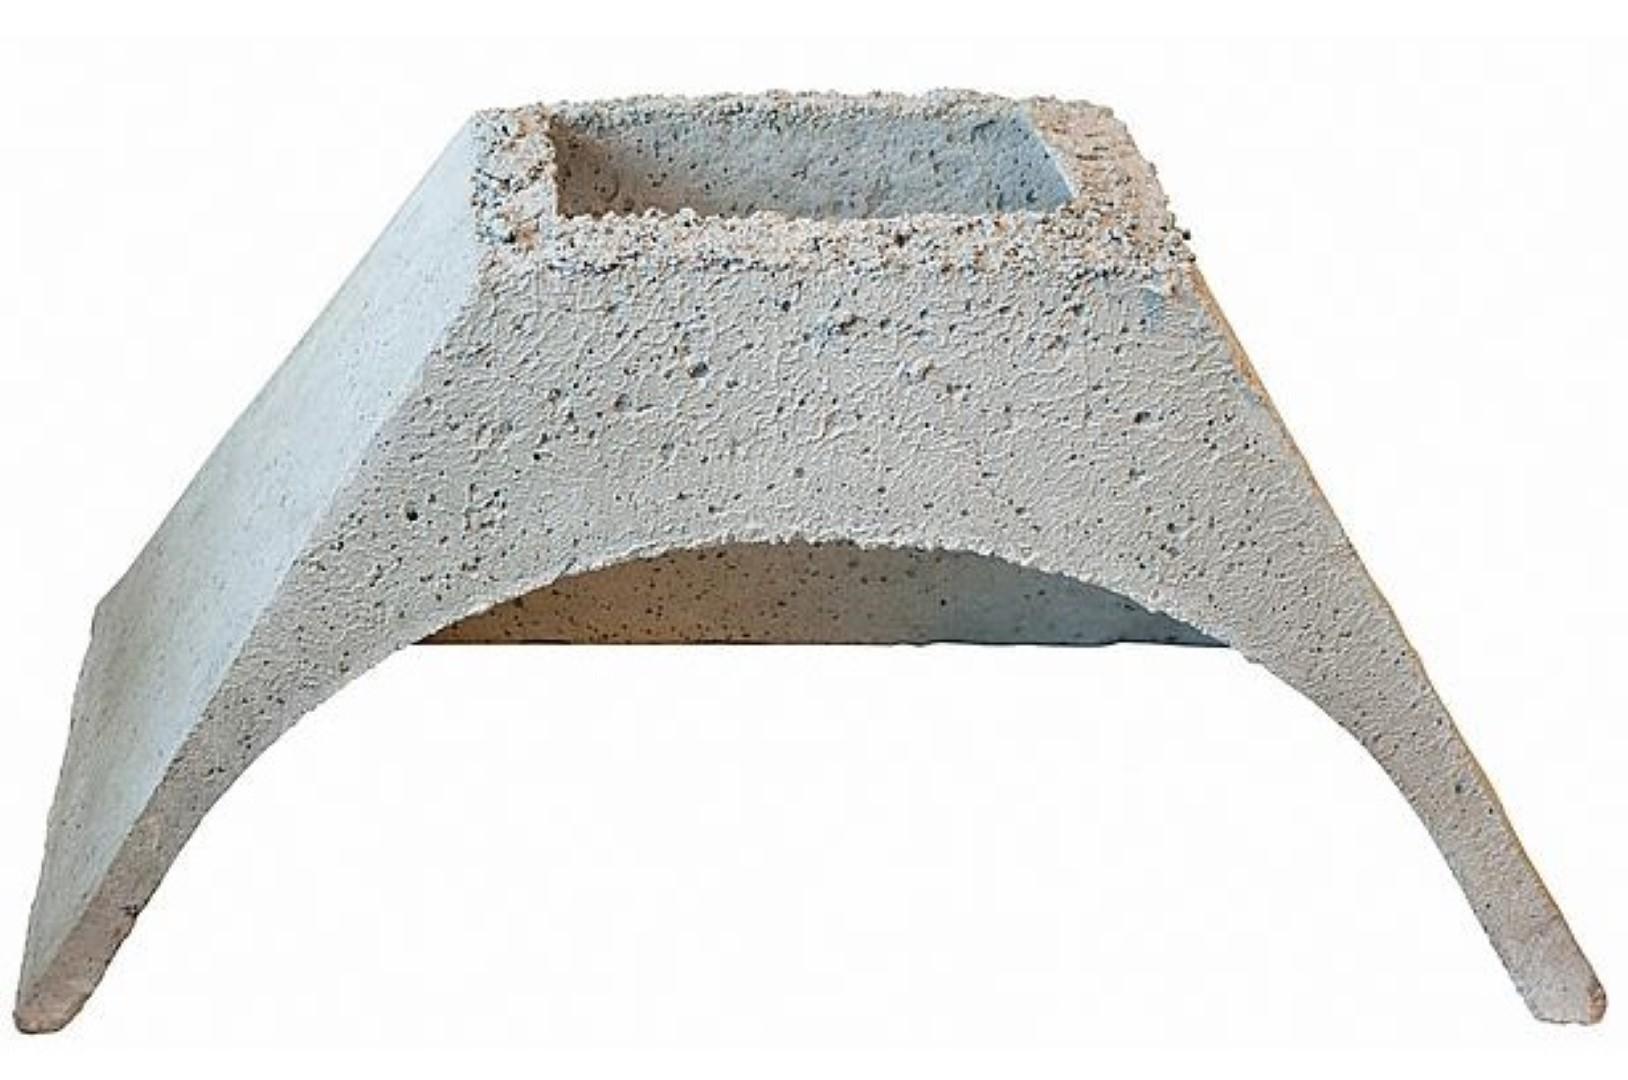 Vuurvaste kap voor betonnen stenen bbq